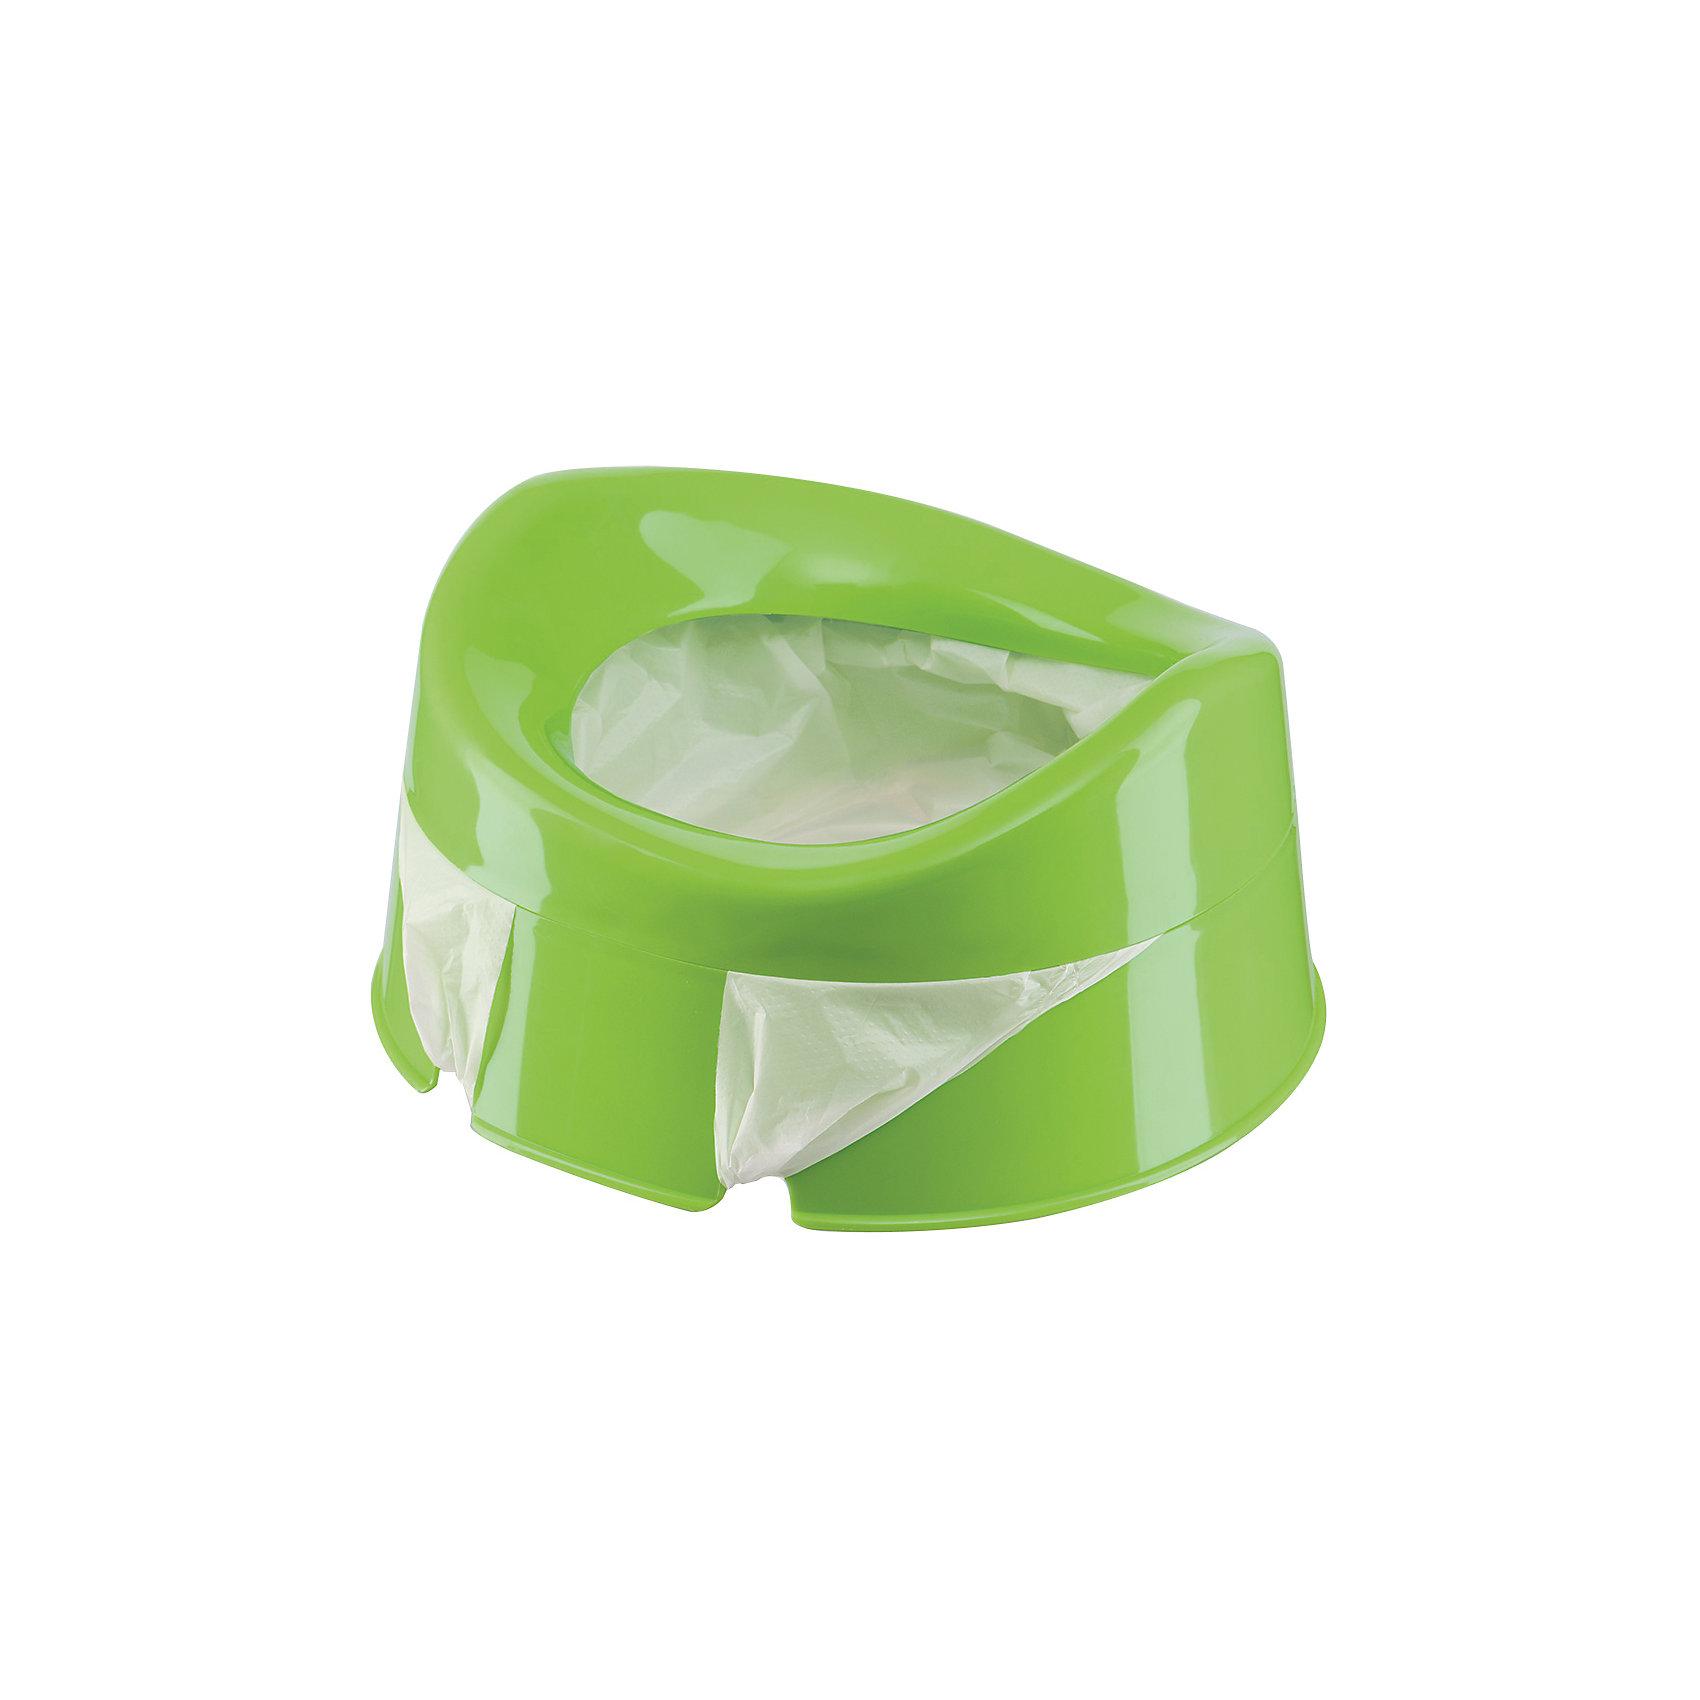 Дорожный горшок  Mini Potty, Happy Baby, зелёныйУникальный Дорожный горшок  Mini Potty (Мини Потти), Happy Baby (Хэппи Бэйби), зеленый со сменными пакетами станет для родителей незаменимым помощником в дороге или в гостях, а приучение к горшку вне дома станет удобней и приятней!<br><br>Характеристики:<br>-Можно использовать с 1,5 лет<br>-Удобно брать в дорогу<br>-Прекрасно подходит для приучения малыша к горшку<br>-Сменные пакеты легко крепятся, снимаются и утилизируются после использования<br>-Можно купить дополнительные пакеты<br><br>Комплектация: горшок, 10 одноразовых пакетов<br><br>Дополнительная информация:<br>-Цвет: зеленый<br>-Материалы: полипропилен, полиэтилен<br>-Размеры в упаковке: 7х23,5х25 см<br>-Вес в упаковке: 400 г<br><br>Благодаря дорожному горшку с набором одноразовых пакетов Вы сможете приучать малыша к горшку не только дома, но и в дороге или гостях!<br><br>Дорожный горшок  Mini Potty (Мини Потти), Happy Baby (Хэппи Бэйби), зеленый можно купить в нашем магазине.<br><br>Ширина мм: 70<br>Глубина мм: 235<br>Высота мм: 250<br>Вес г: 400<br>Цвет: зеленый<br>Возраст от месяцев: 12<br>Возраст до месяцев: 36<br>Пол: Унисекс<br>Возраст: Детский<br>SKU: 4214809